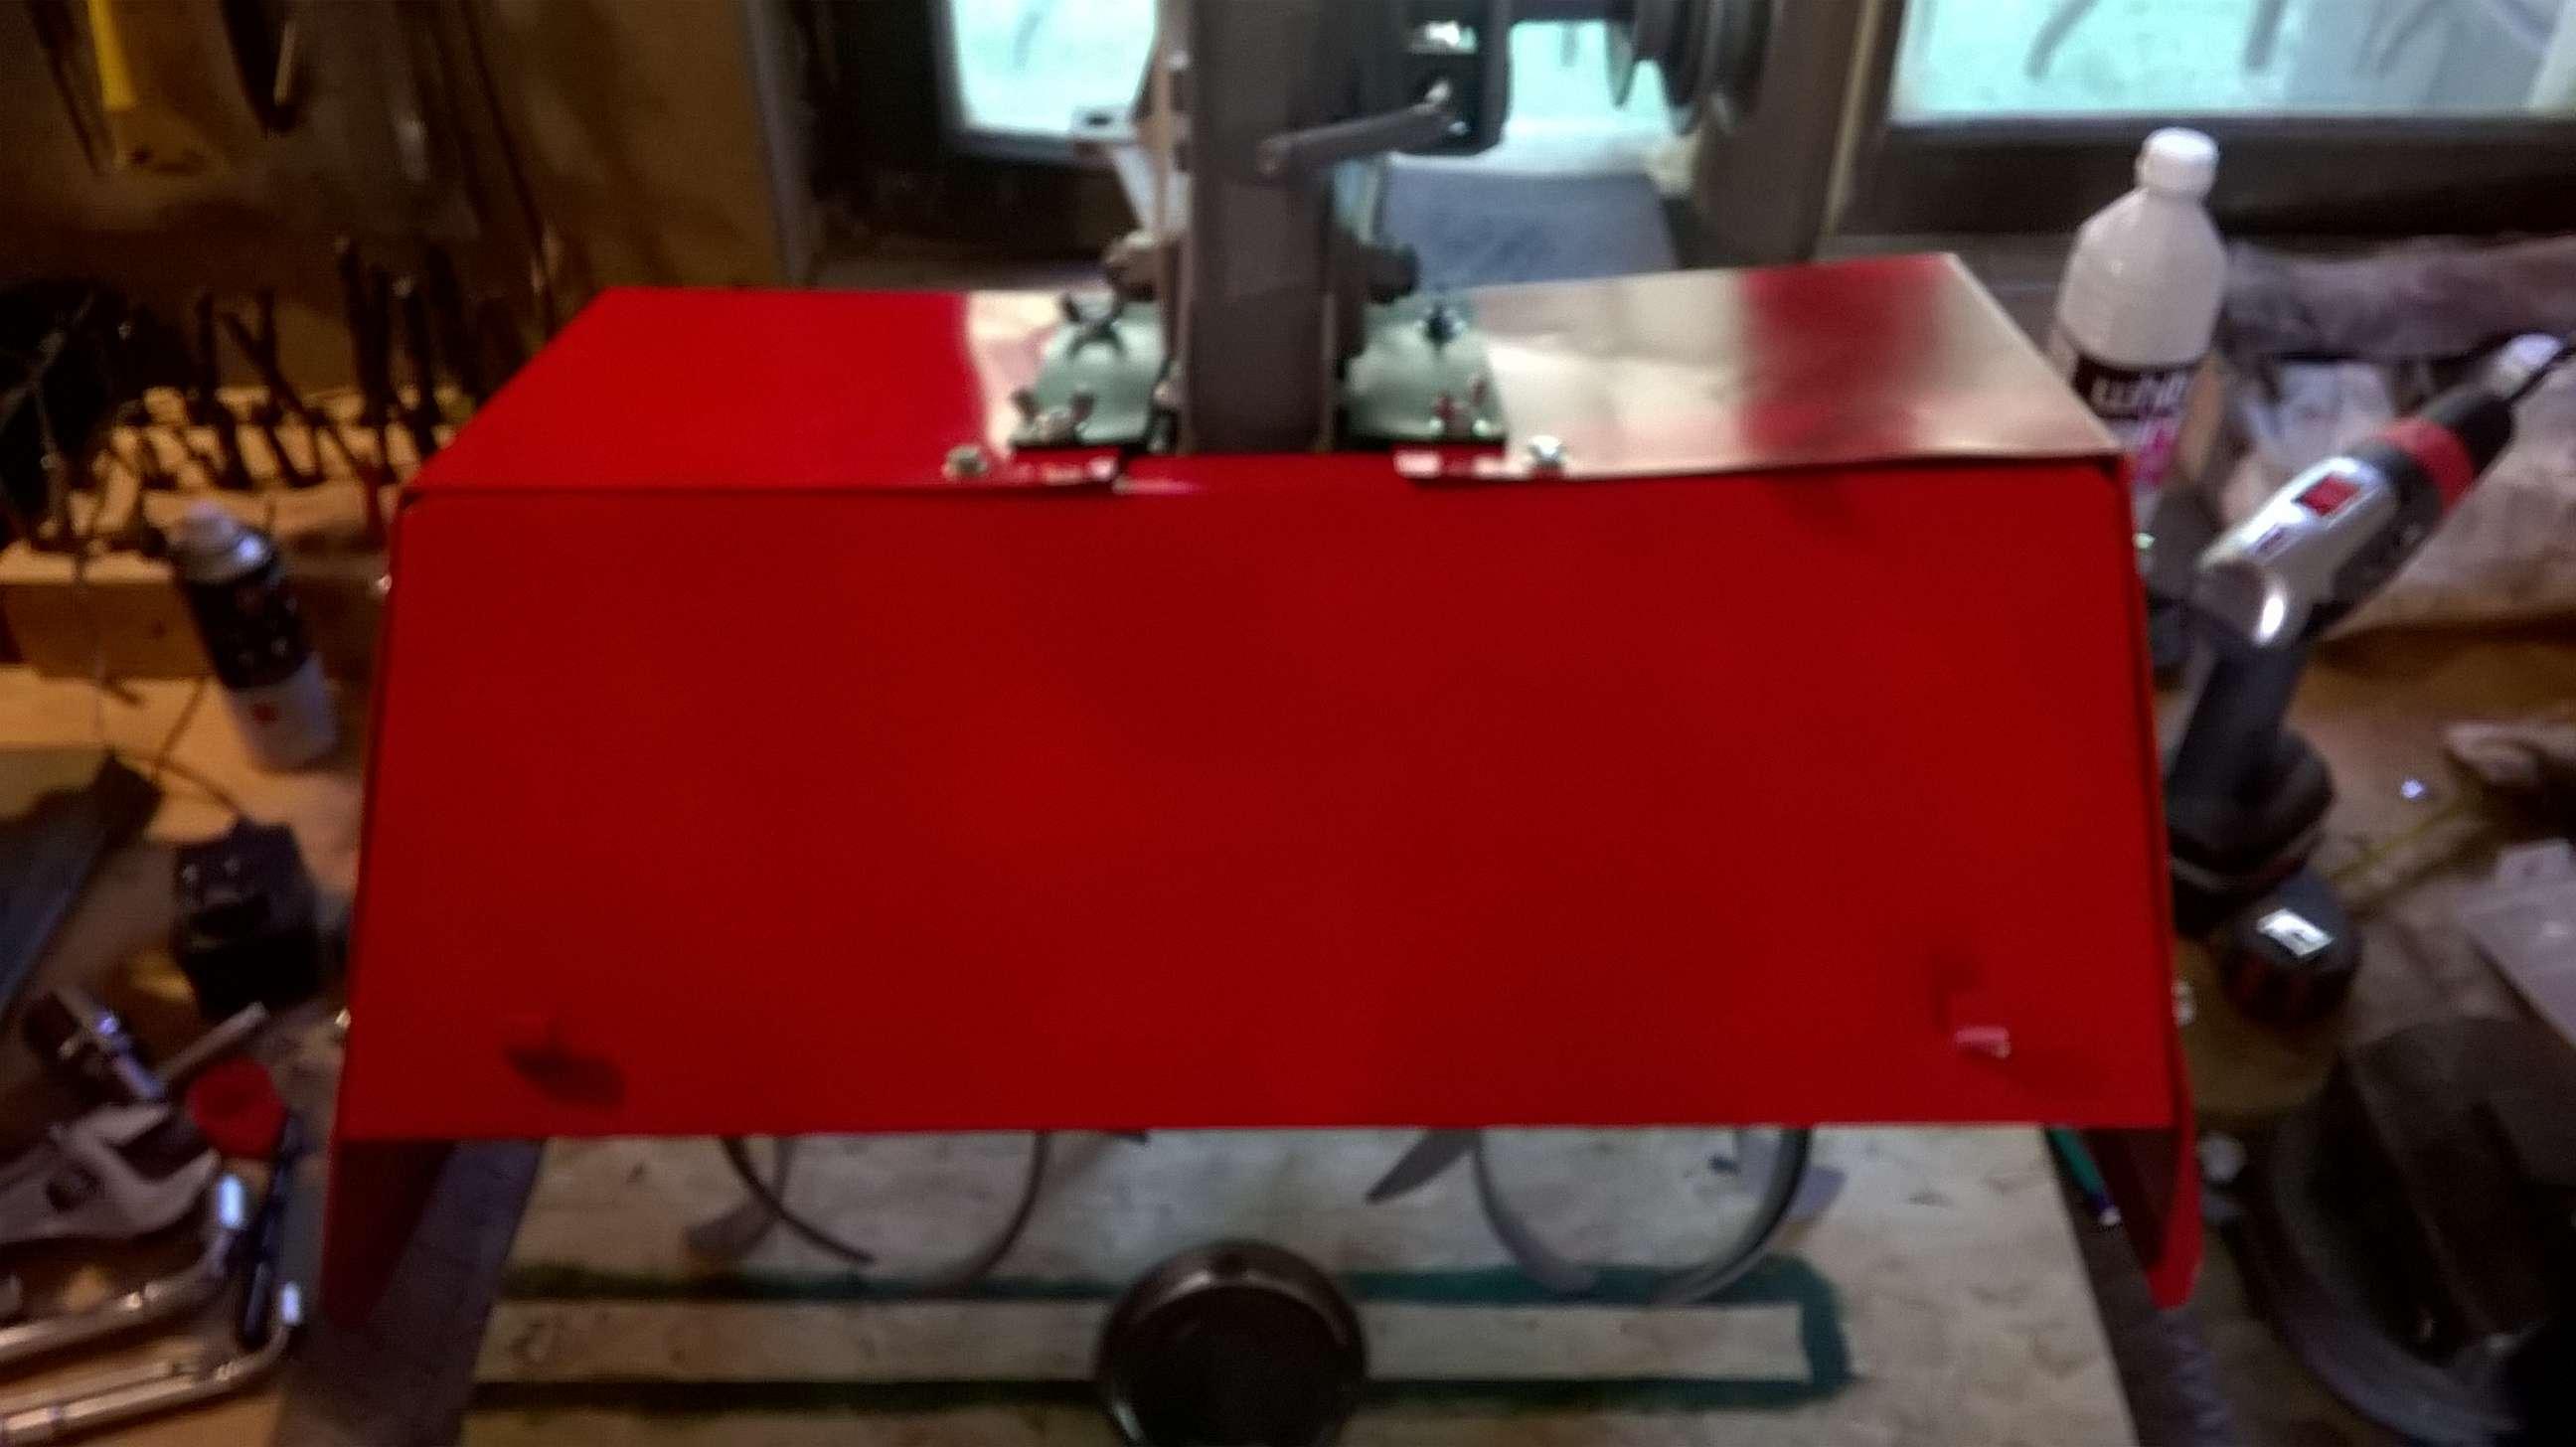 Quelques photos de ma fraise arrière en restauration -  Bouyer 334-70 Wp_20117